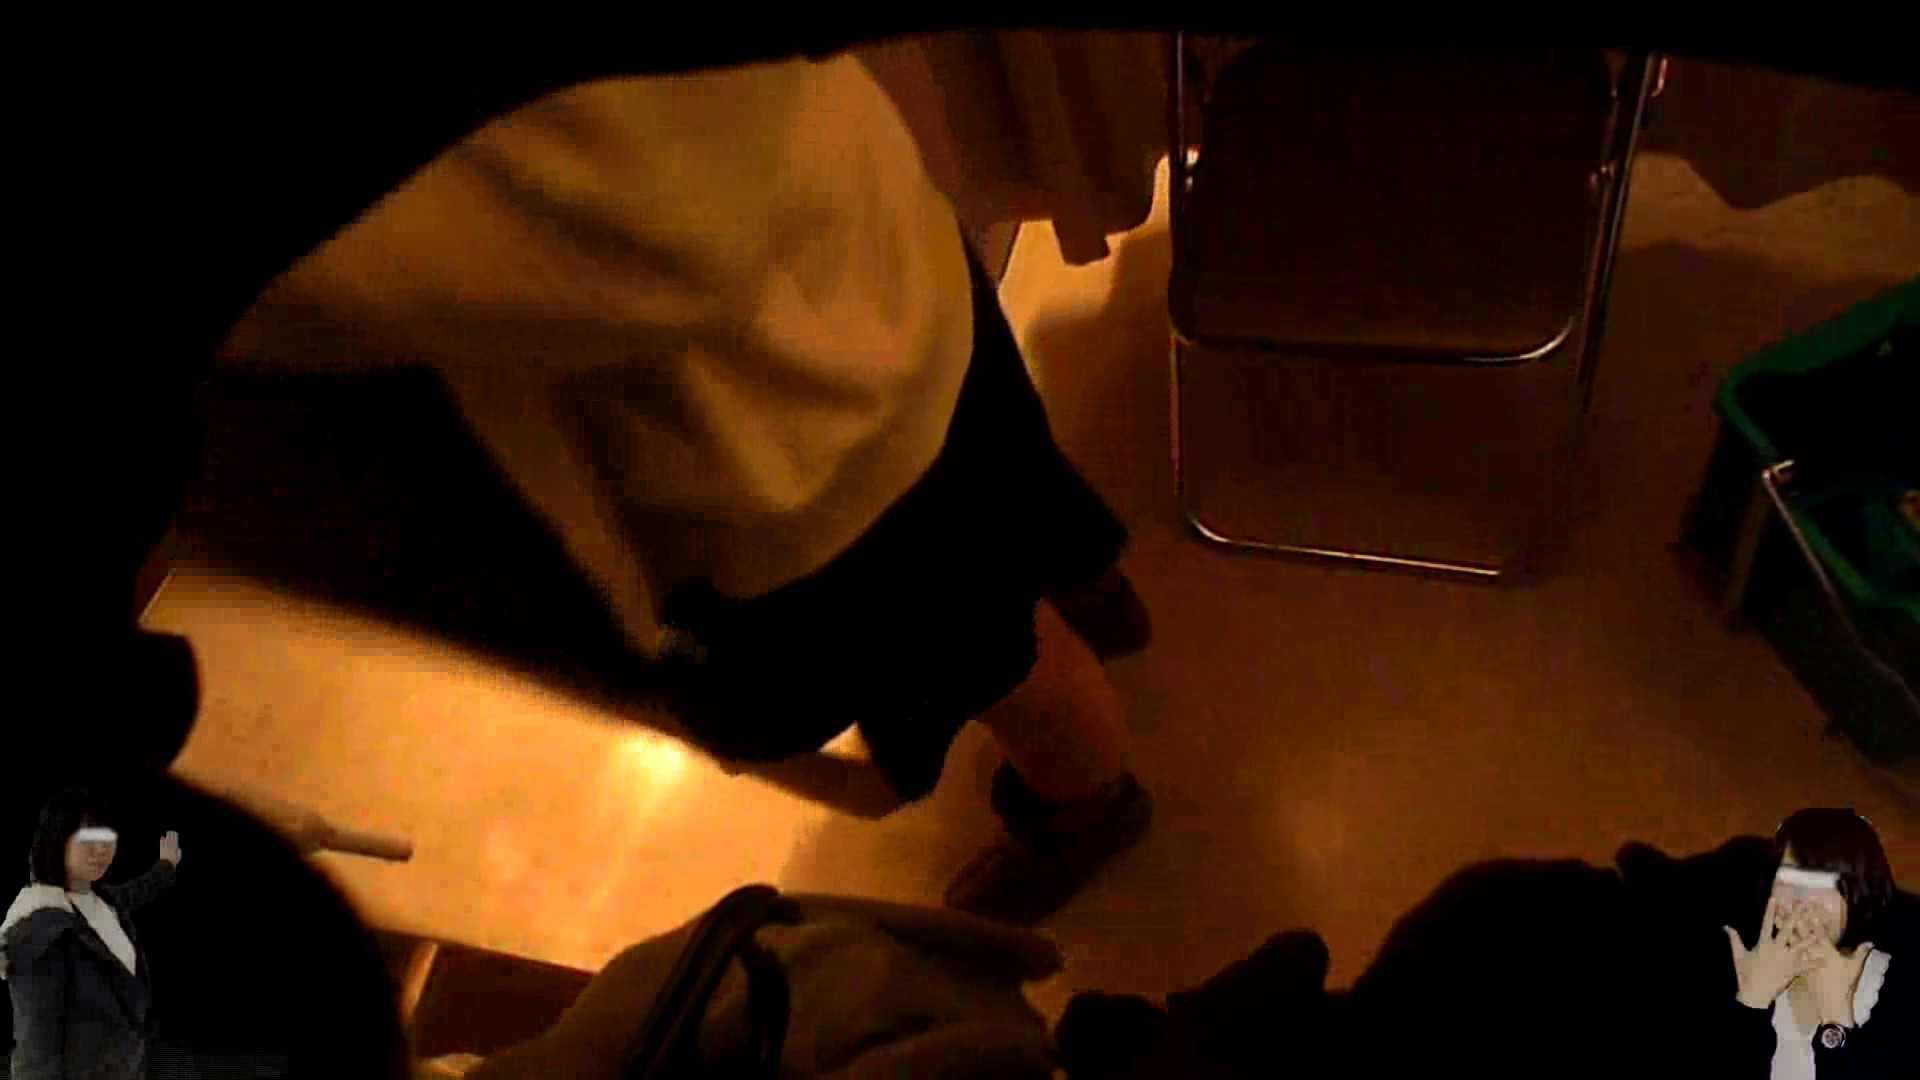 素人投稿 現役「JD」Eちゃんの着替え Vol.05 OLのエロ生活   着替え  24連発 5